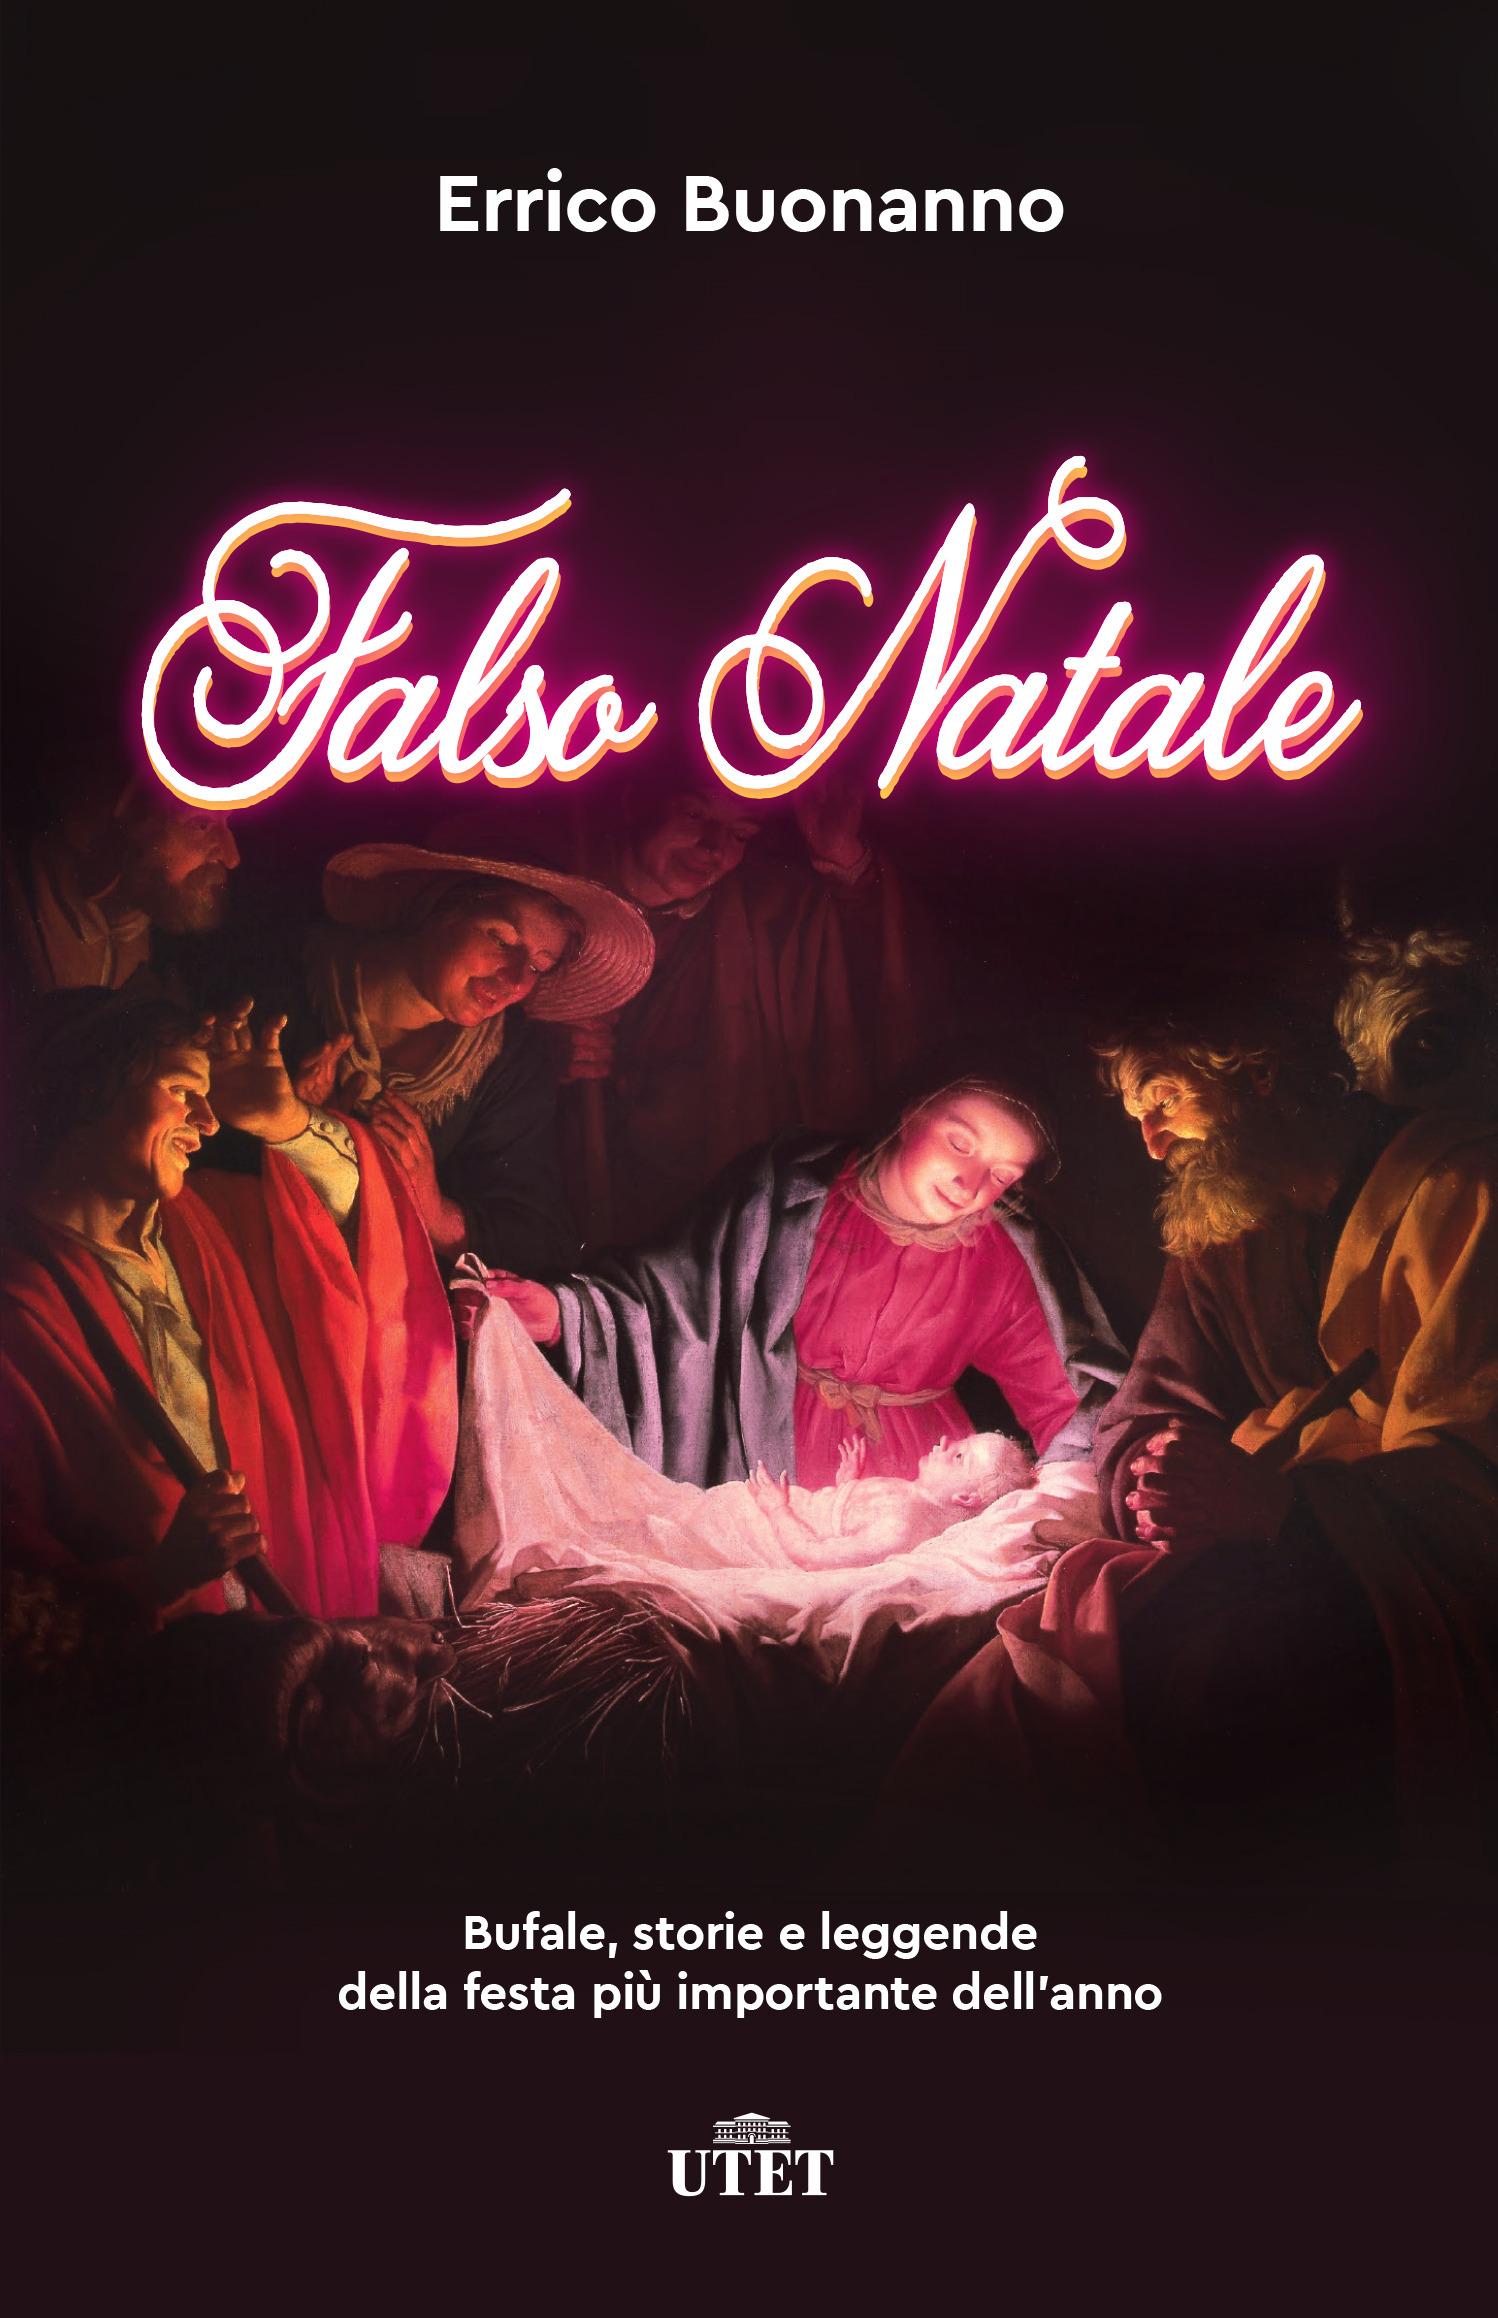 Falso_Natale_Bufale_storie_leggende_festa_utet